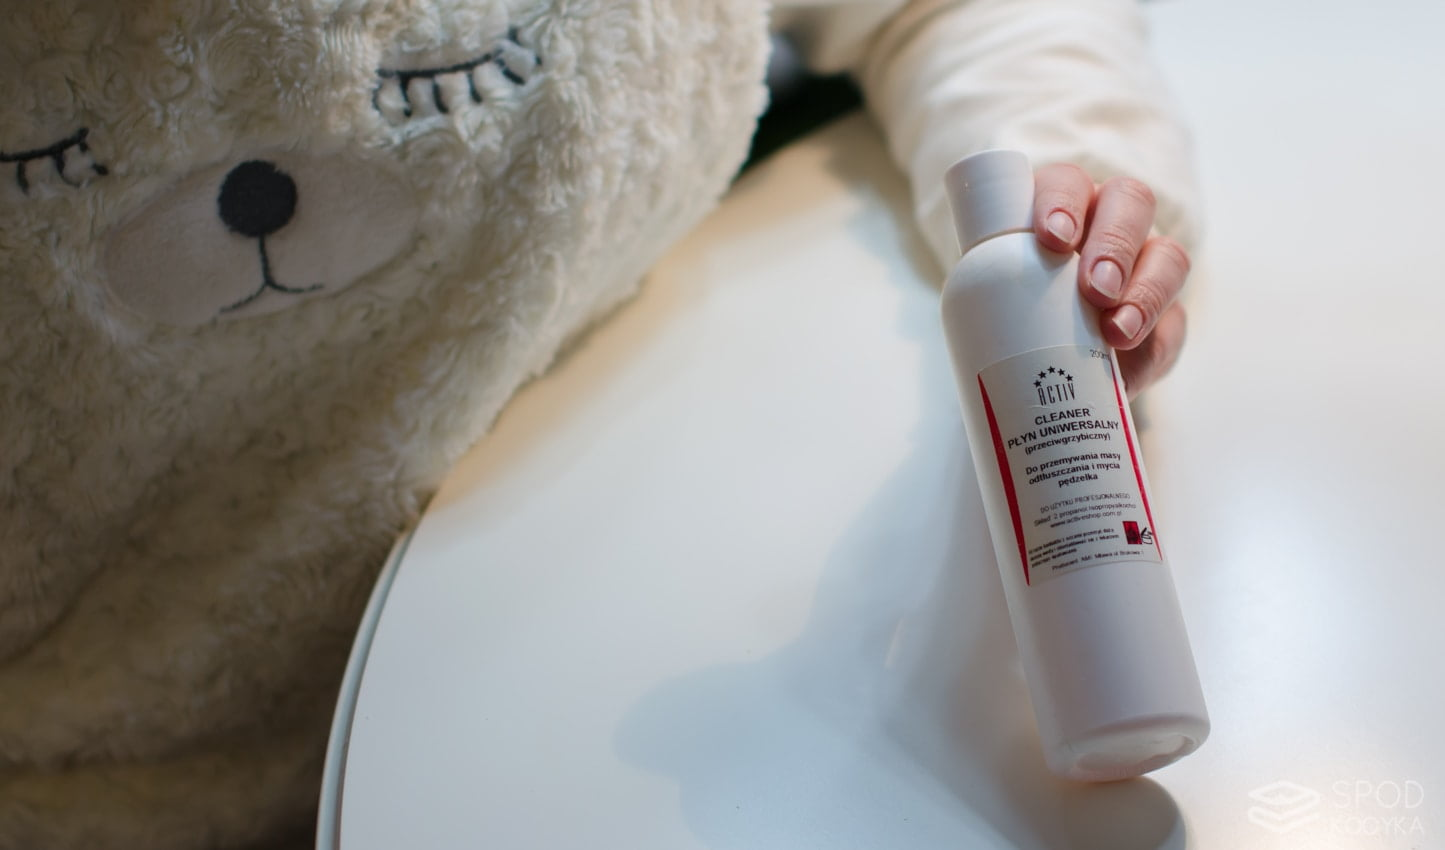 jak zrobić manicure hybrydowy w domu